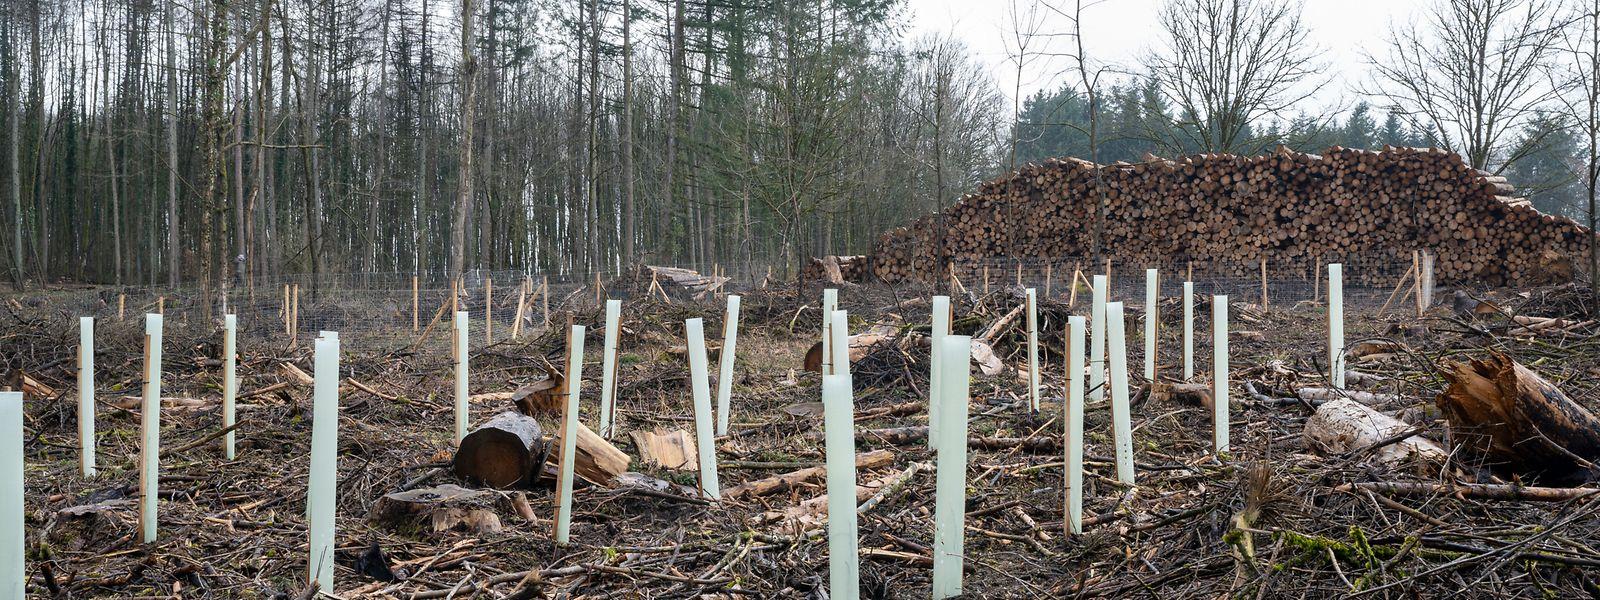 Mit Aufforstungsprojekten sollen abgestorbene Fichtenflächen mit Mischwäldern ersetzt und der Wald fit für den Klimawandel gemacht werden.